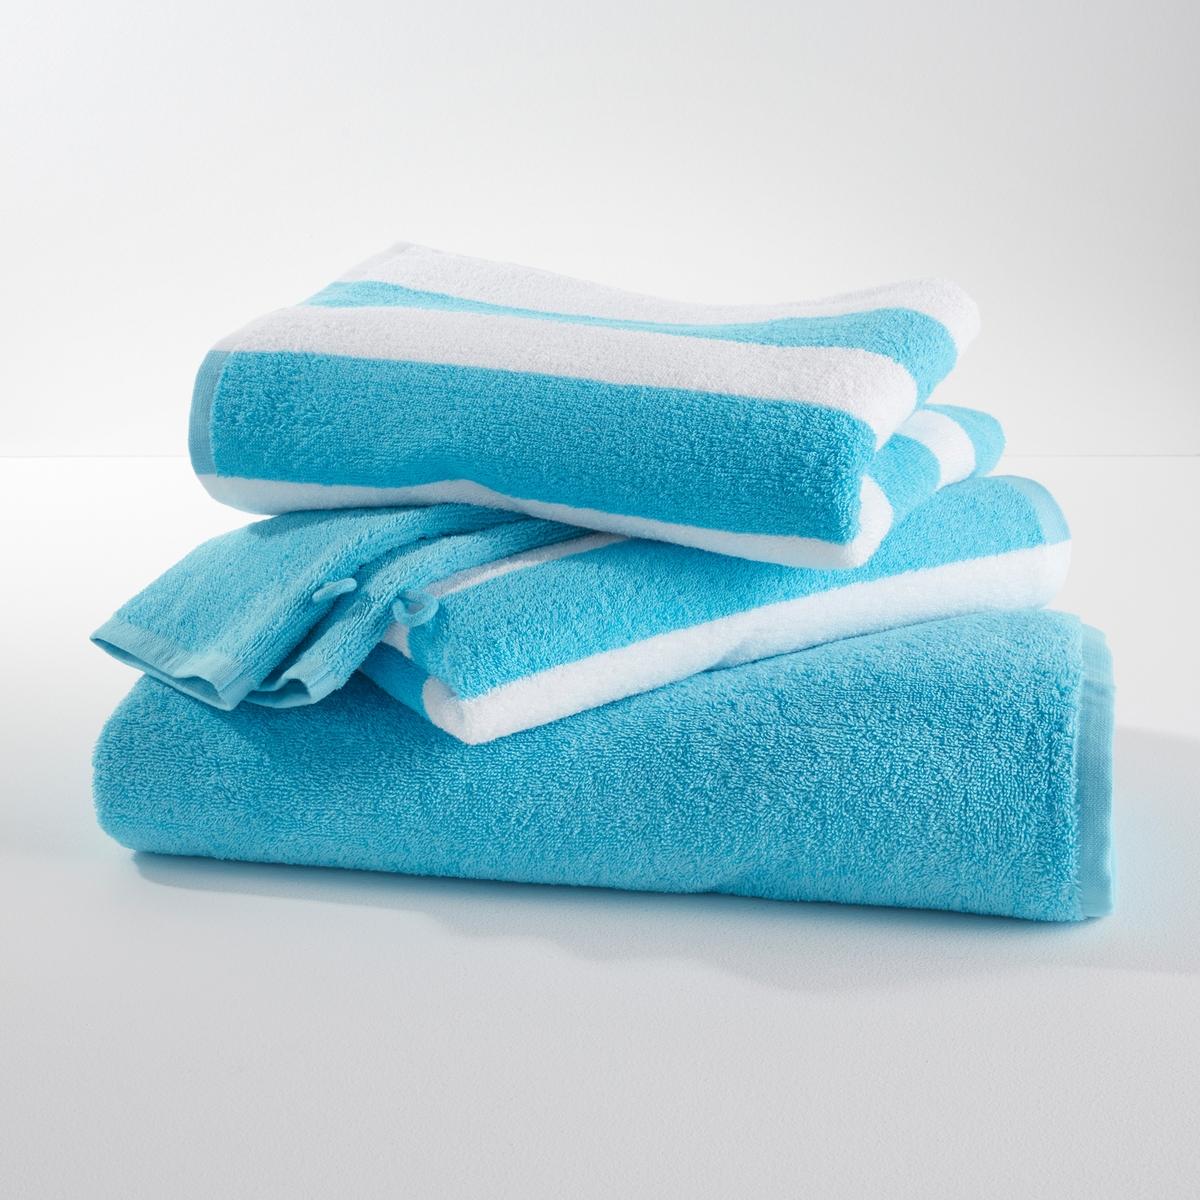 Комплект банный из  5 предметов,  махровая ткань, 420г/м2Комплект банный из  5 предметов: однотонных и в полоску.                 2 однотонных банных рукавички, 2 полотенца в полоску Jacquard и однотонное банное полотенце украсят вашу ванную комнату.                                 Описание банного комплекта: 2 банных рукавички 15 x 21 см2 полотенца 50 x 100 см1 банное полотенце 70 x 140 смХарактеристики комплекта: Махровая ткань букле, 100% хлопка 420г/м?.Стирка при 60 °C<br><br>Цвет: голубой бирюзовый,пепельно-серый,серо-бежевый